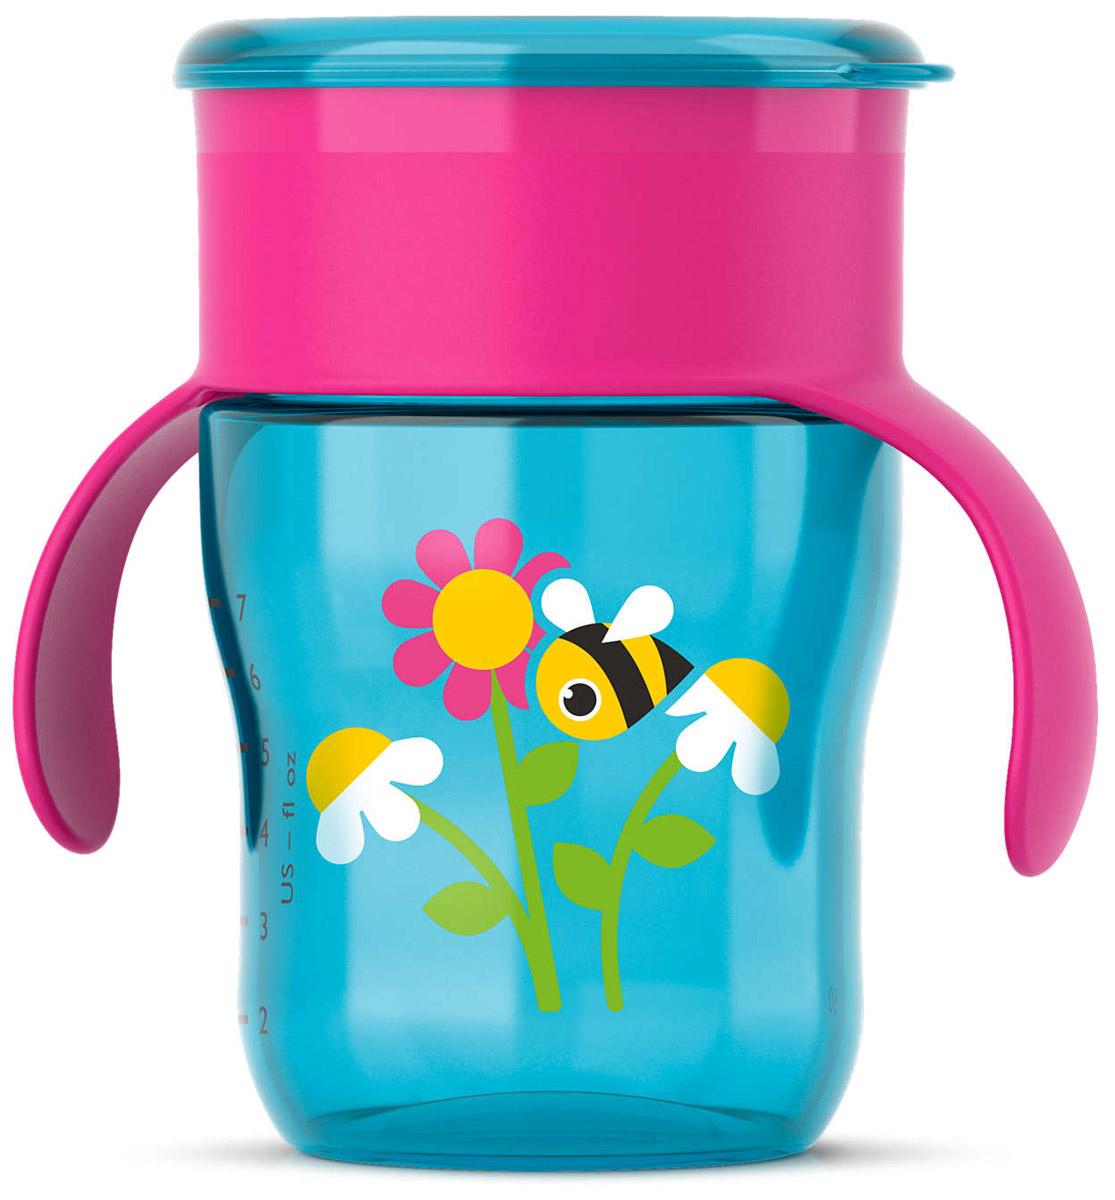 Philips Avent Чашка-поильник от 12 месяцев цвет голубой фуксия 260 мл пчелка SCF782/20 поильник чашка avent scf782 20 260 мл 12 синий с красной крышкой